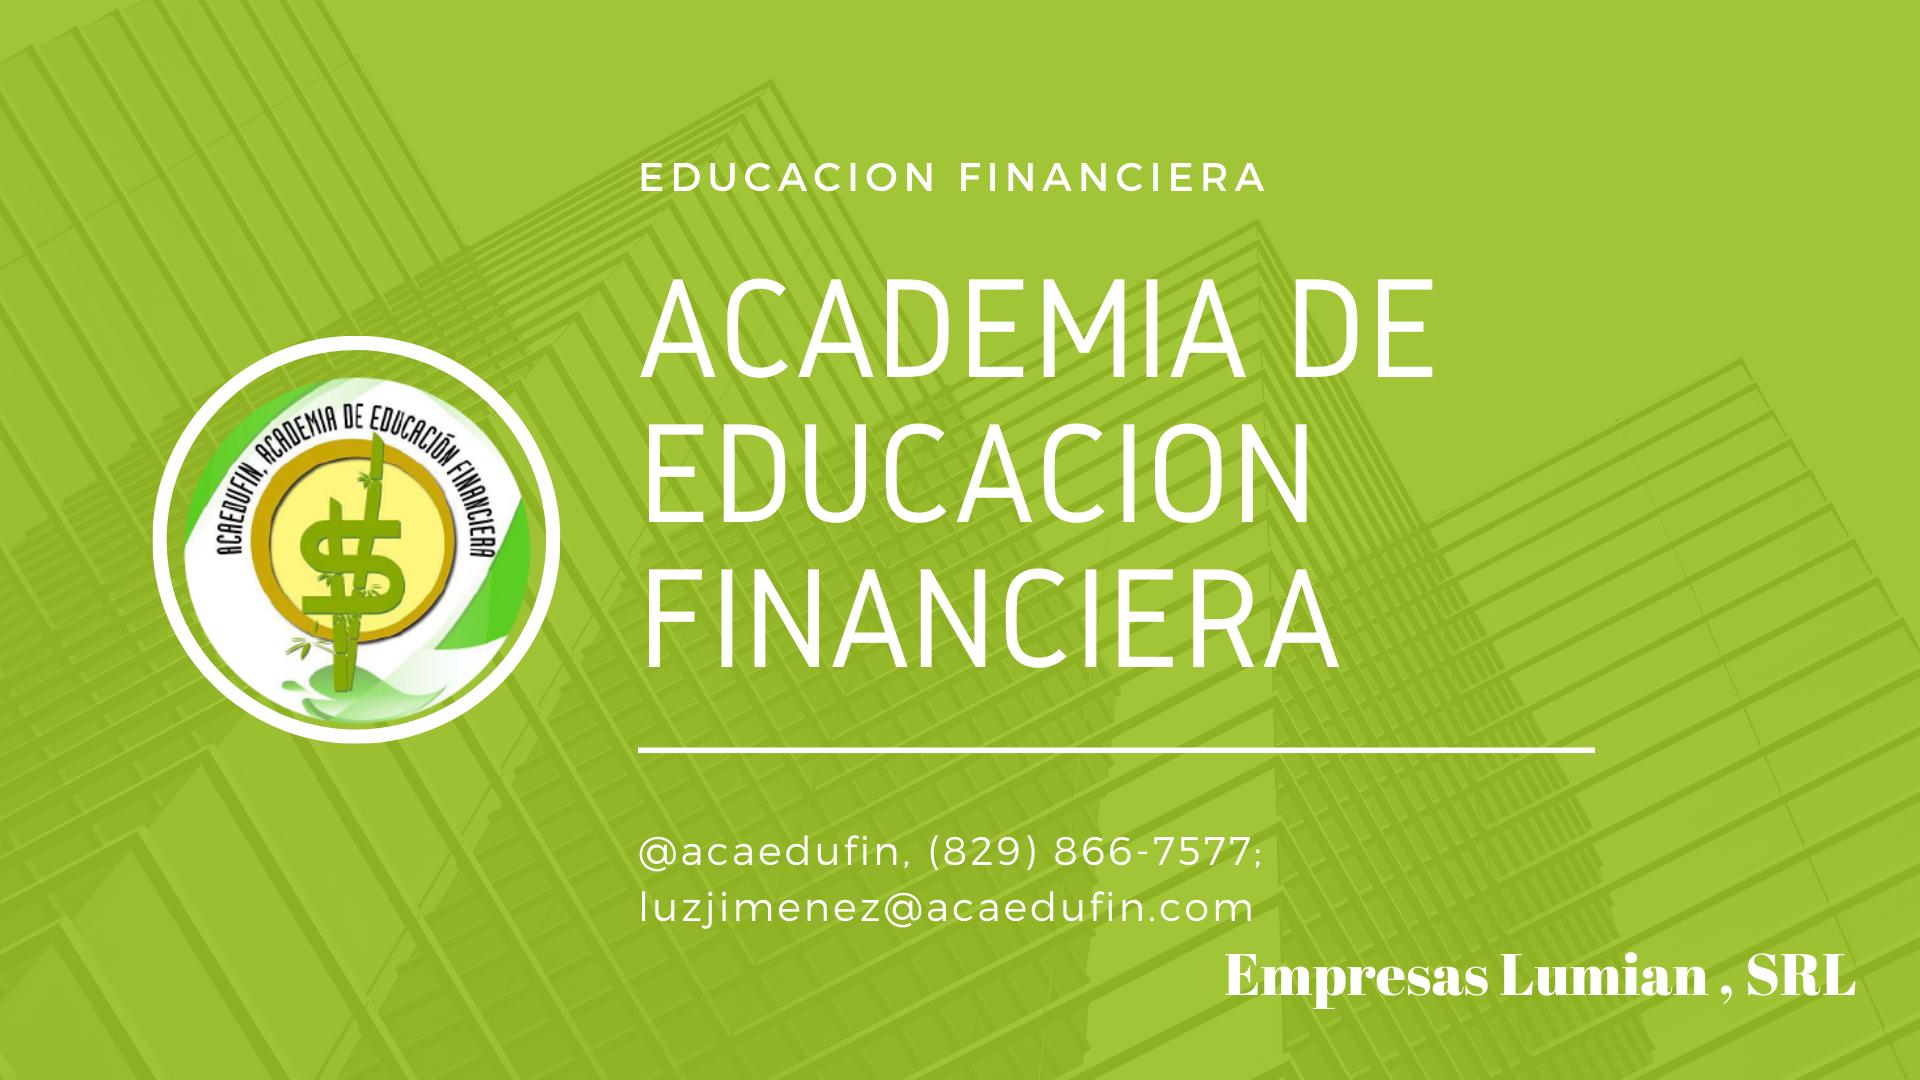 Academia de Educación Financiera